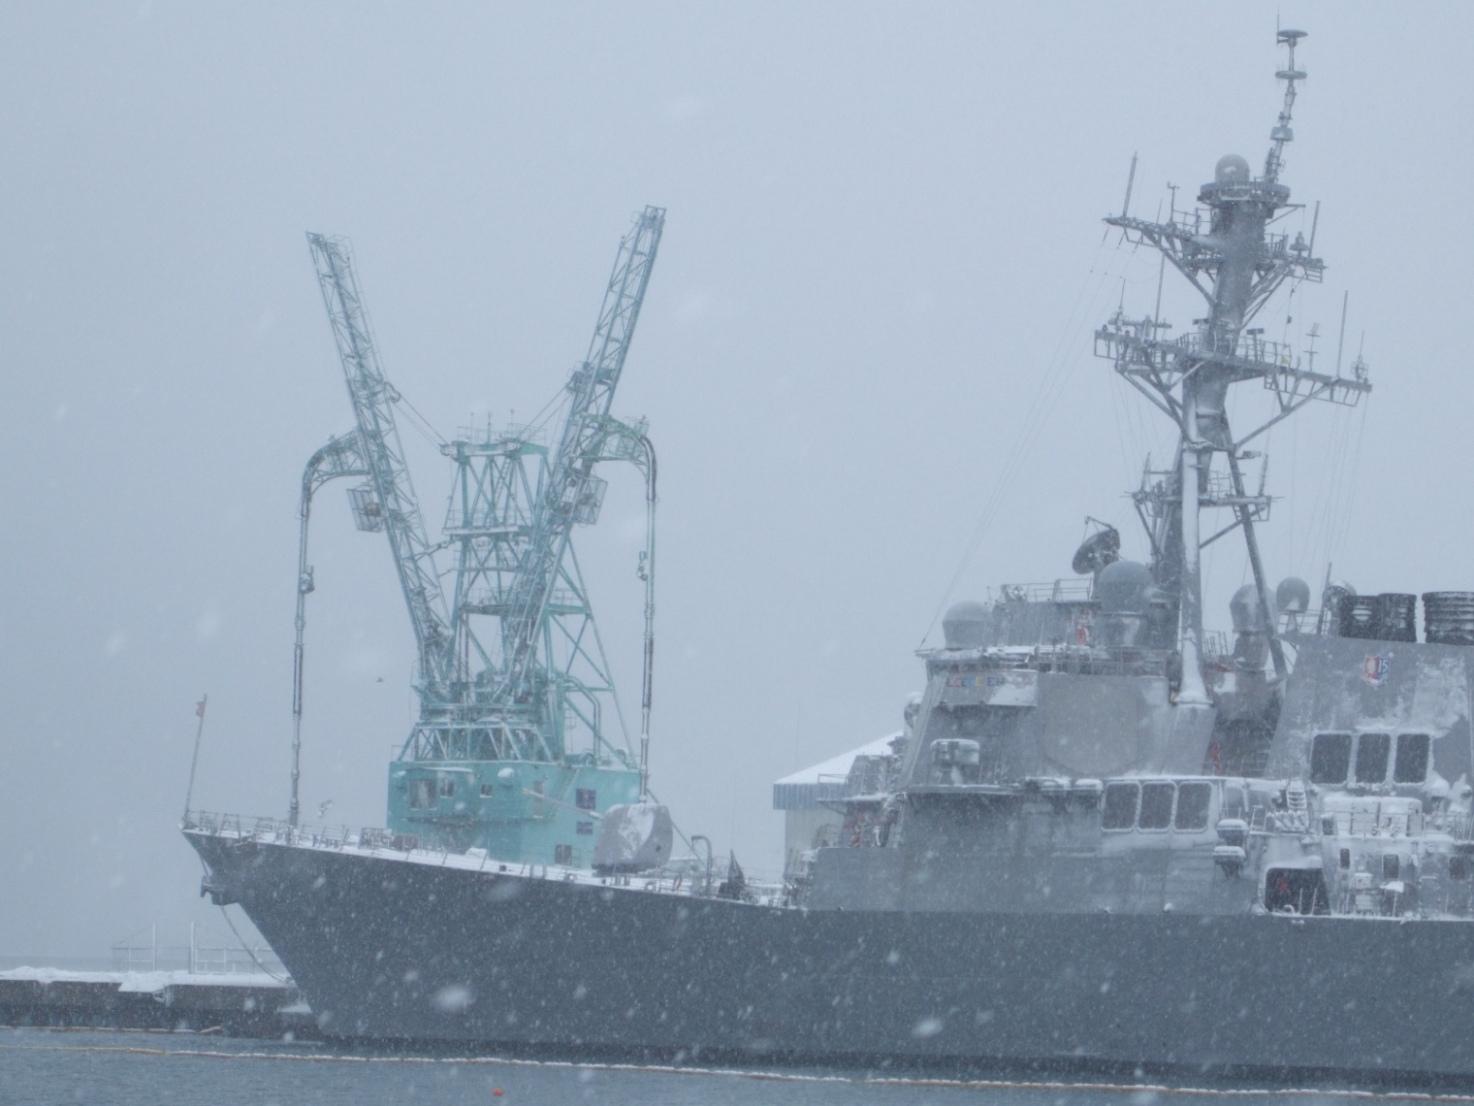 901) 小樽港 「米国第7艦隊所属 イージス駆逐艦『フィッツジェラルド』」 2009年2月8日_f0126829_1223794.jpg